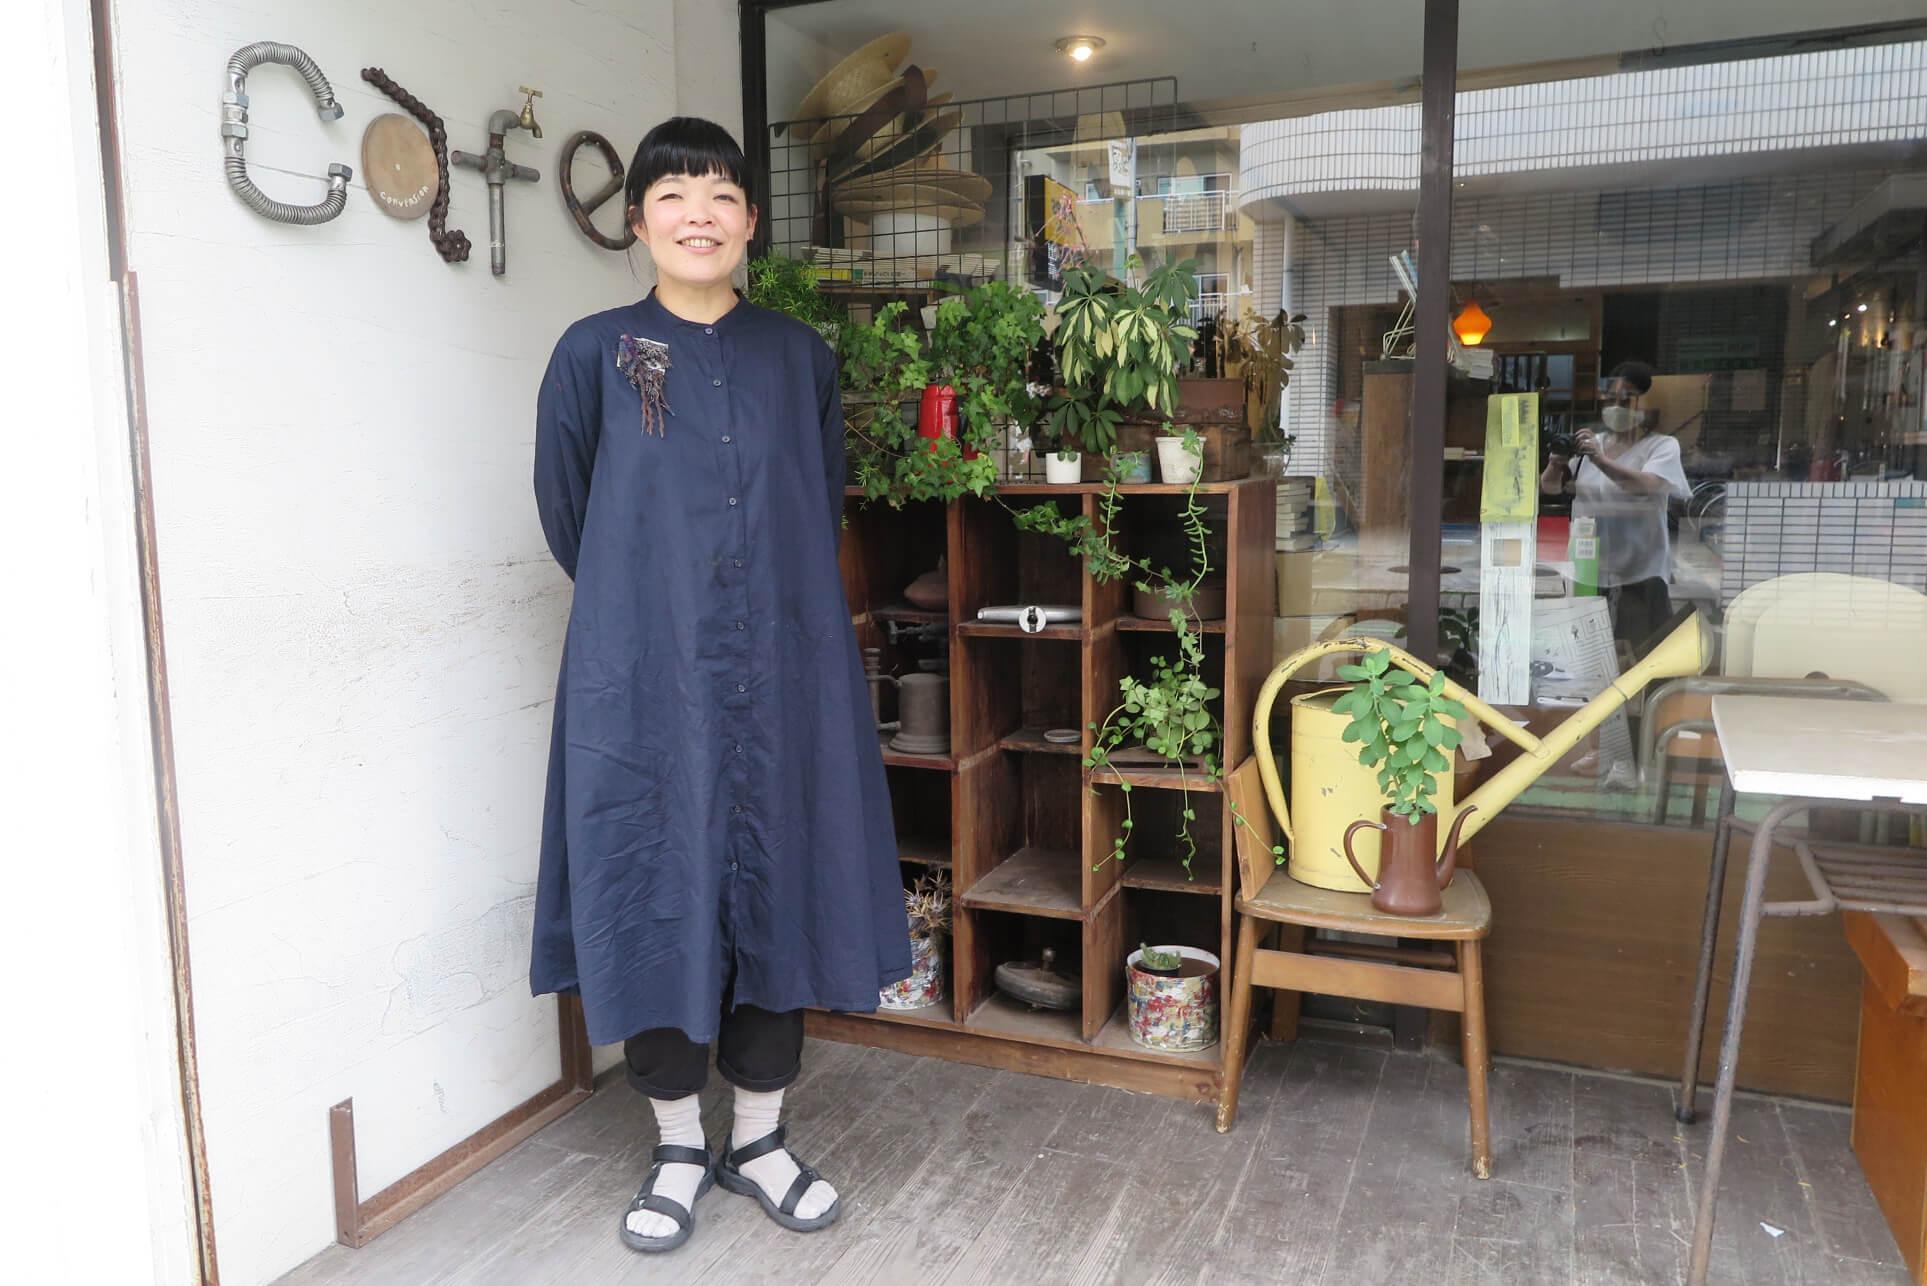 ローカルWEBメディア・地域サイト 草加ローカルストーリー 今井 慶子さん cafe gallery conversion